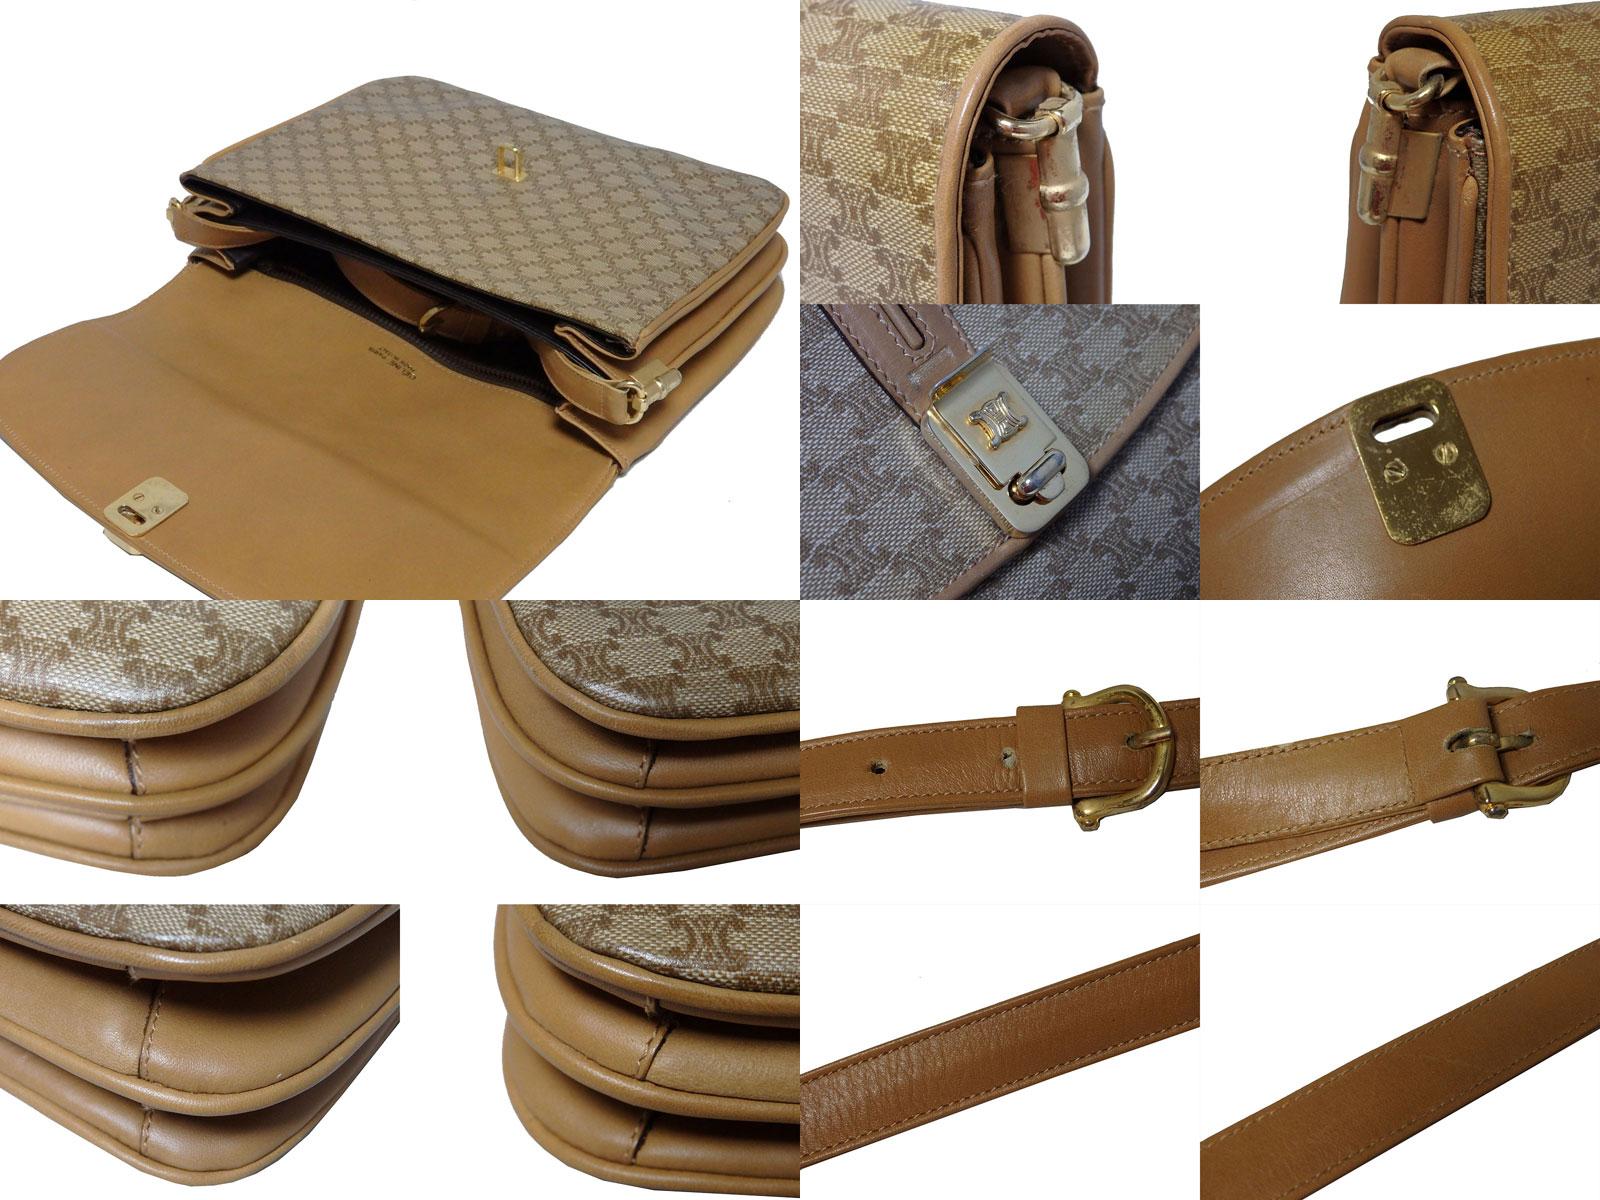 BrandValue | Rakuten Global Market: Celine CELINE bag macadam ...